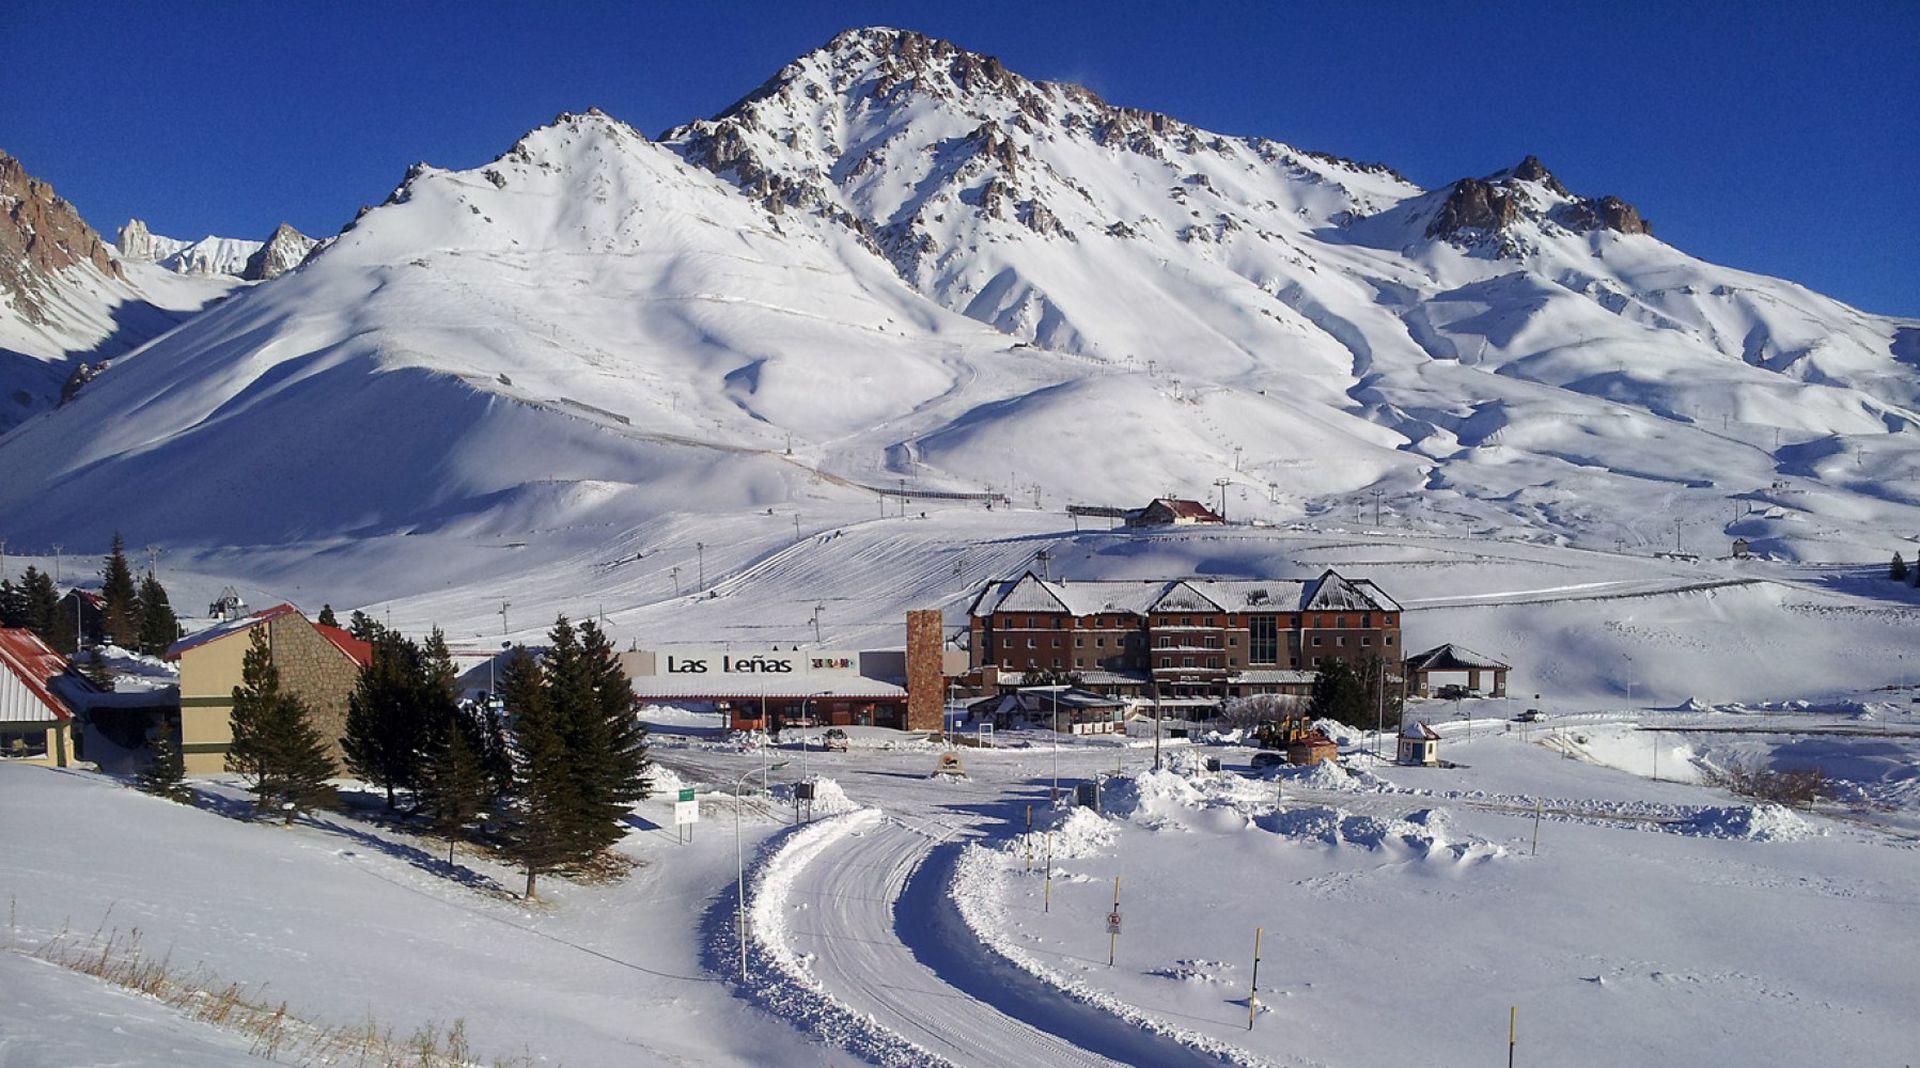 El Valle de Las Leñas operará al 50 % de la capacidad hotelera, lo que dejará las pistas más liberadas